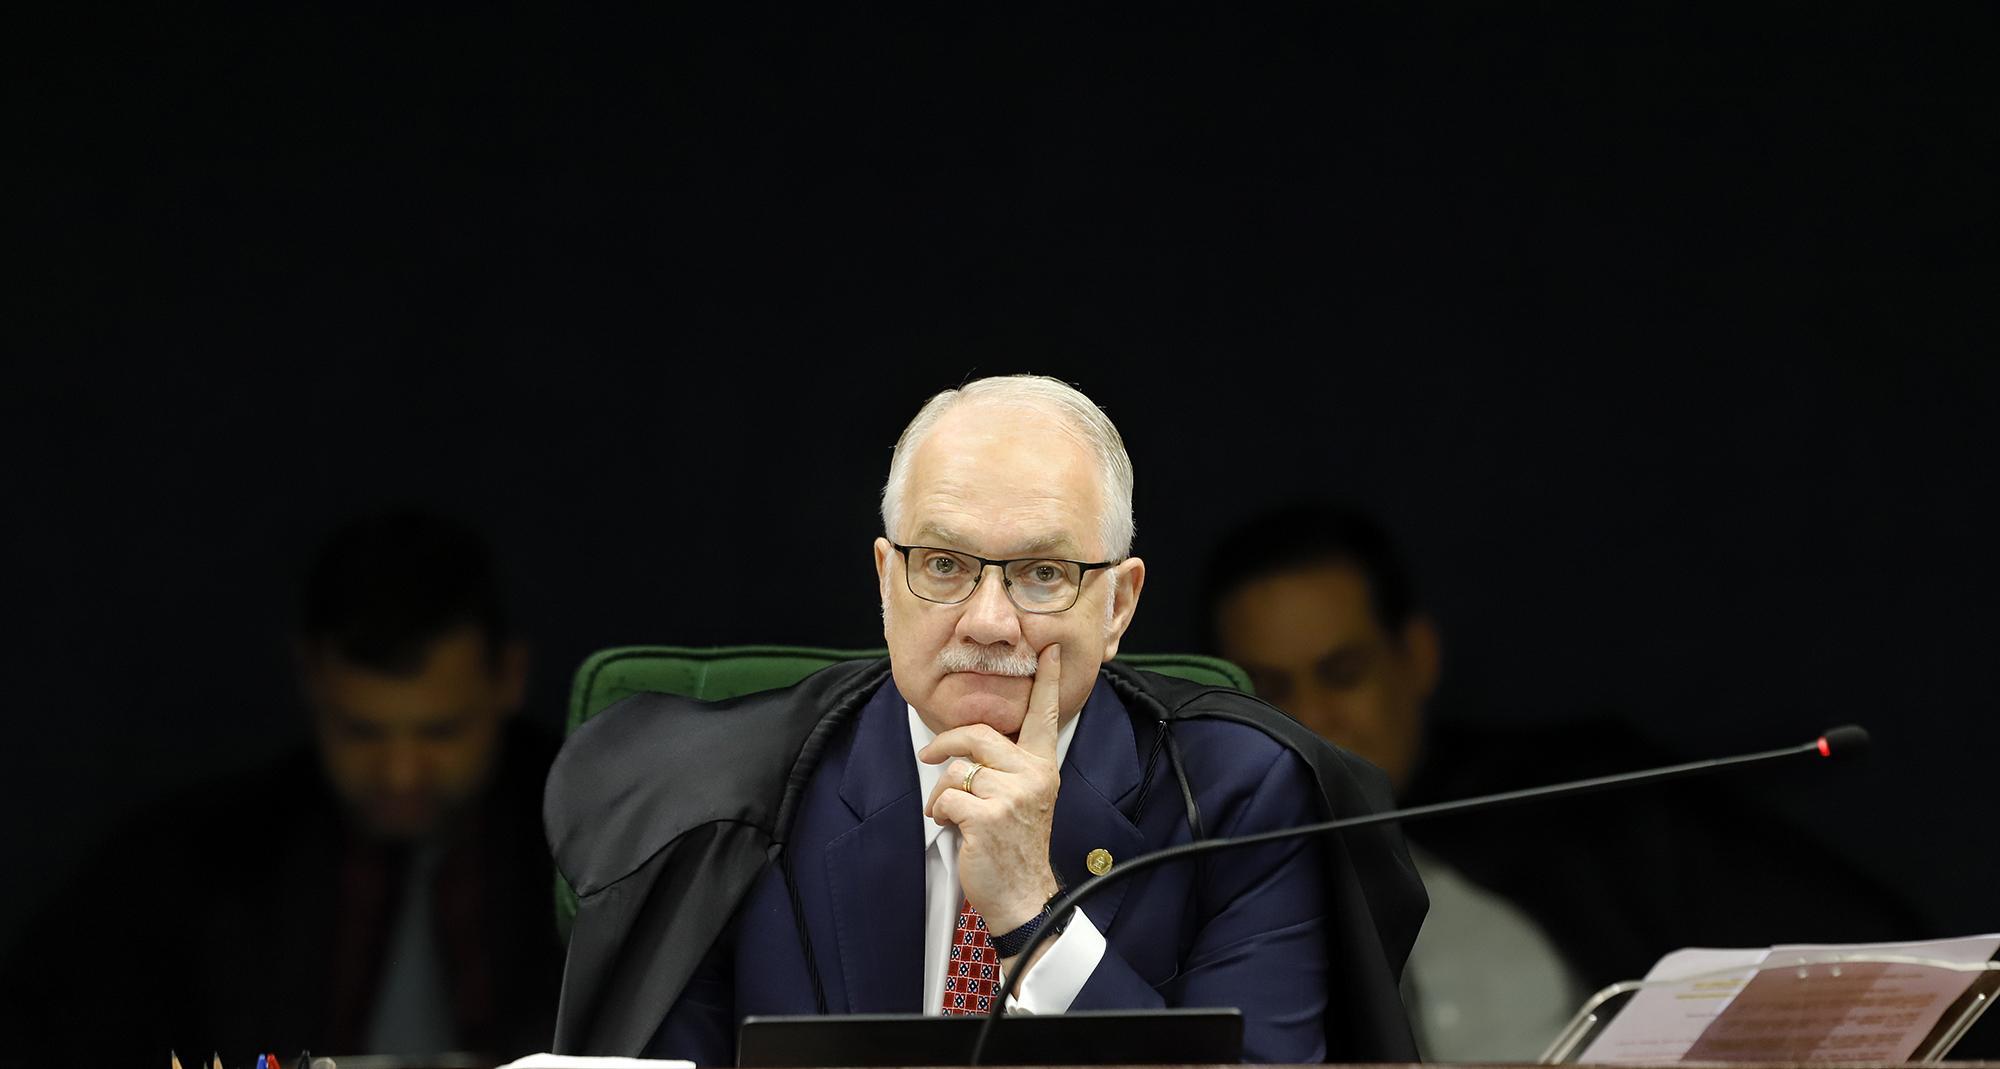 Ministro se manifestou sobre 'ameaças' postada por general em 2018